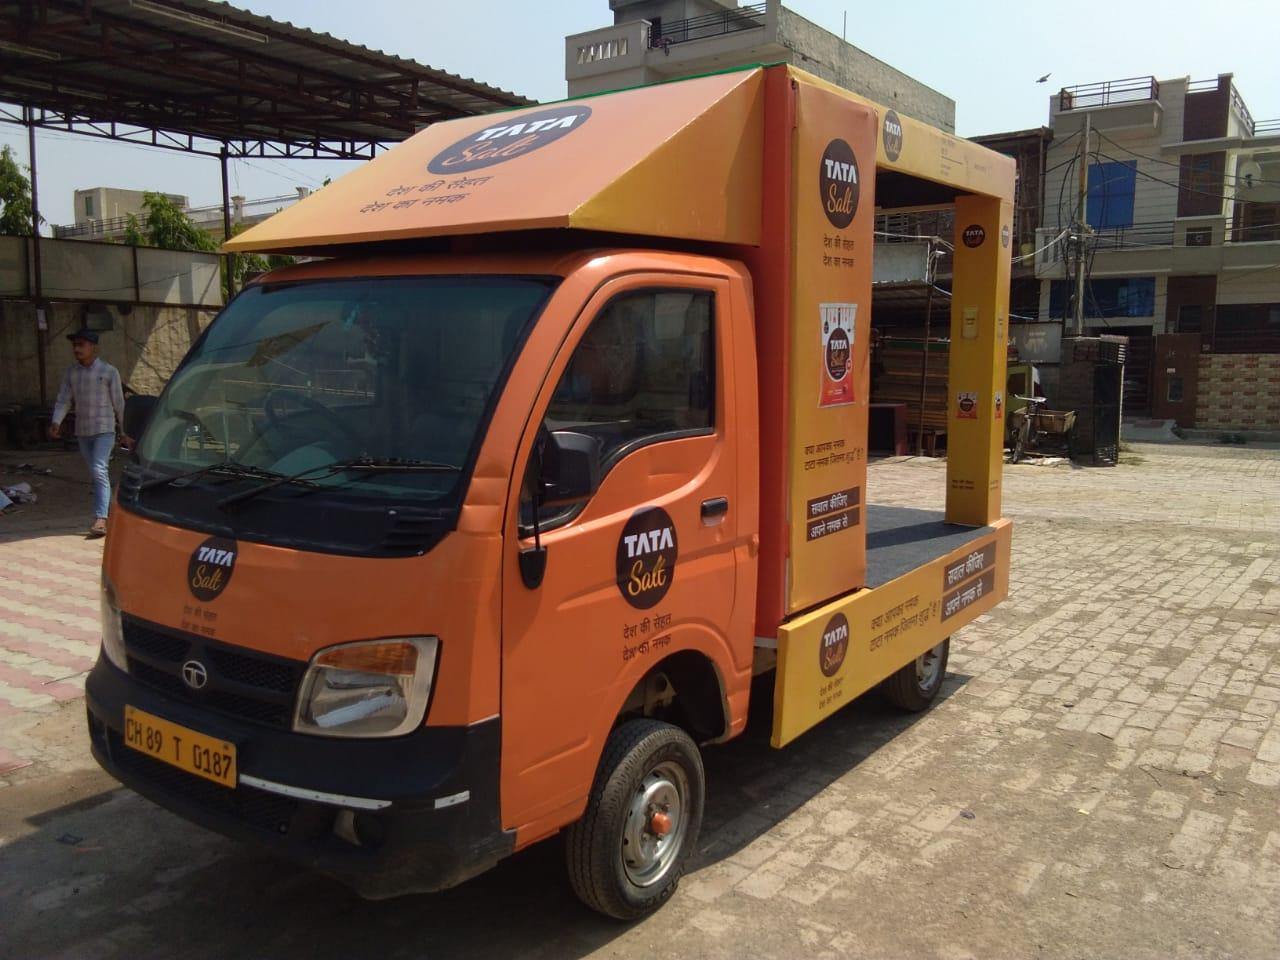 Van Show Campaign